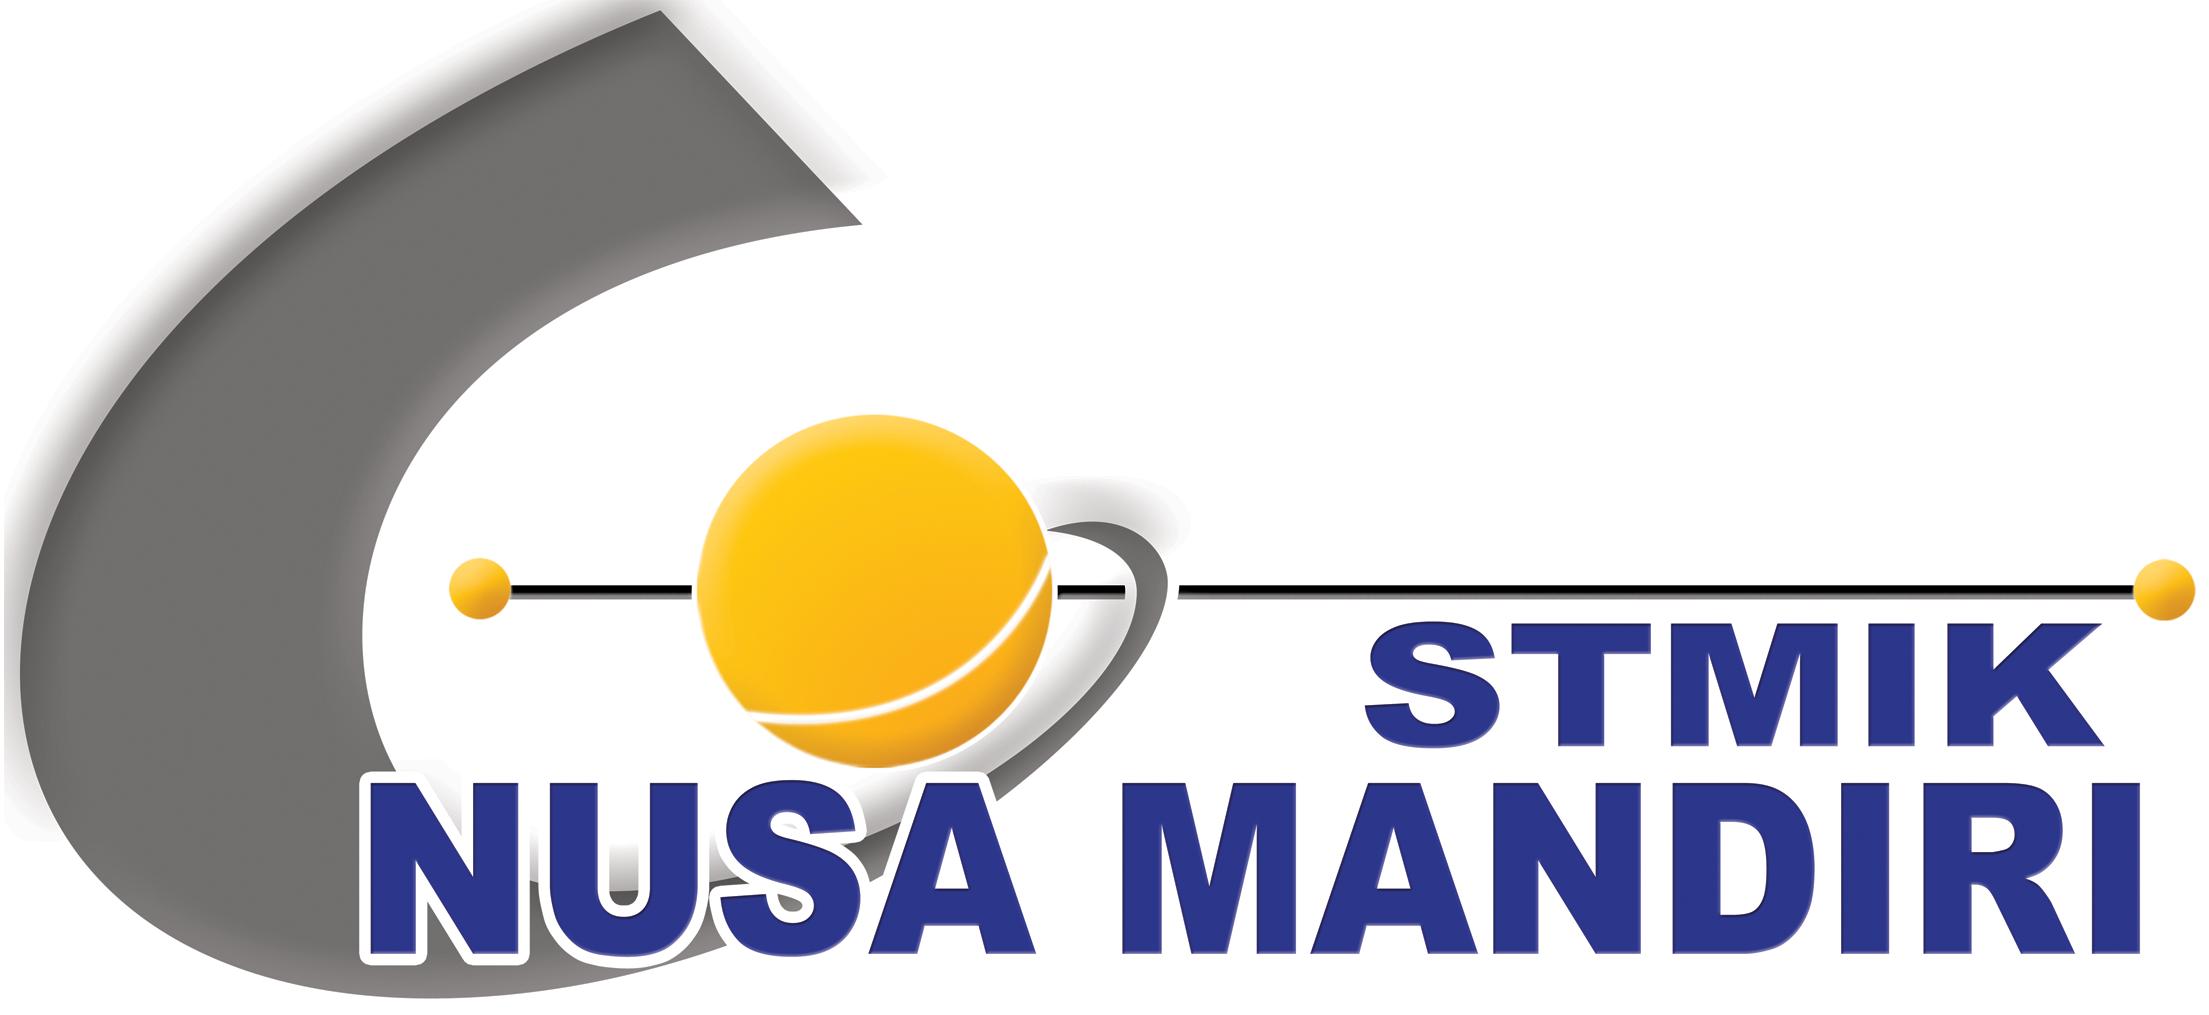 Logo STMIK Nusa Mandiri Original PNG Terbaru